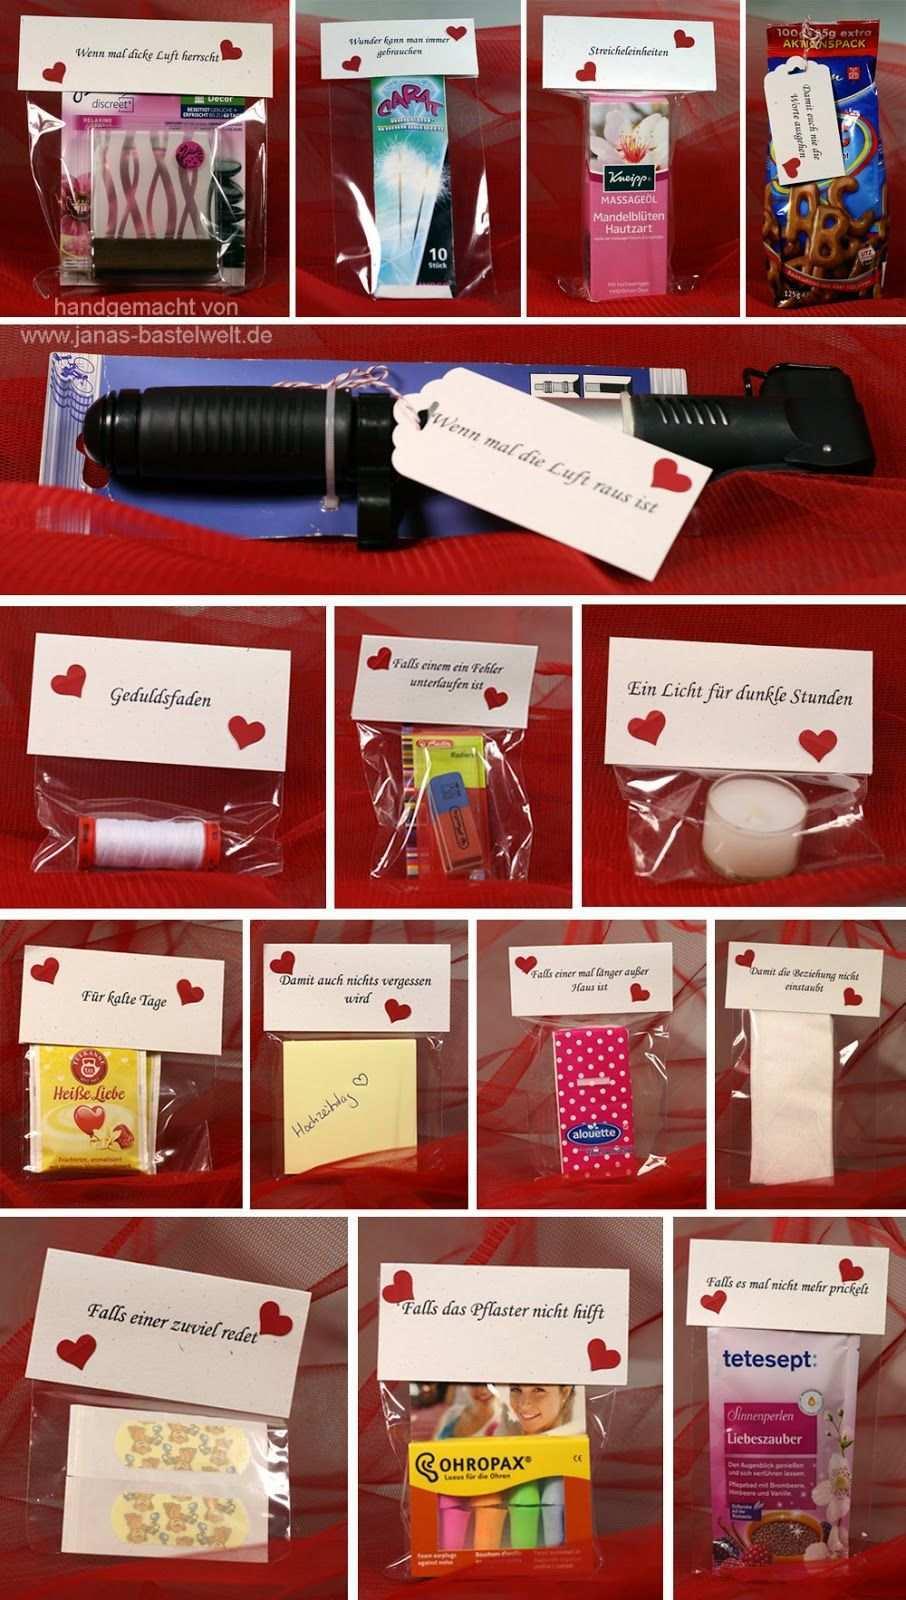 Ehe Notfallkoffer 2 Jpg 906 1 600 Pixel Geschenke Notfall Set Geschenkideen